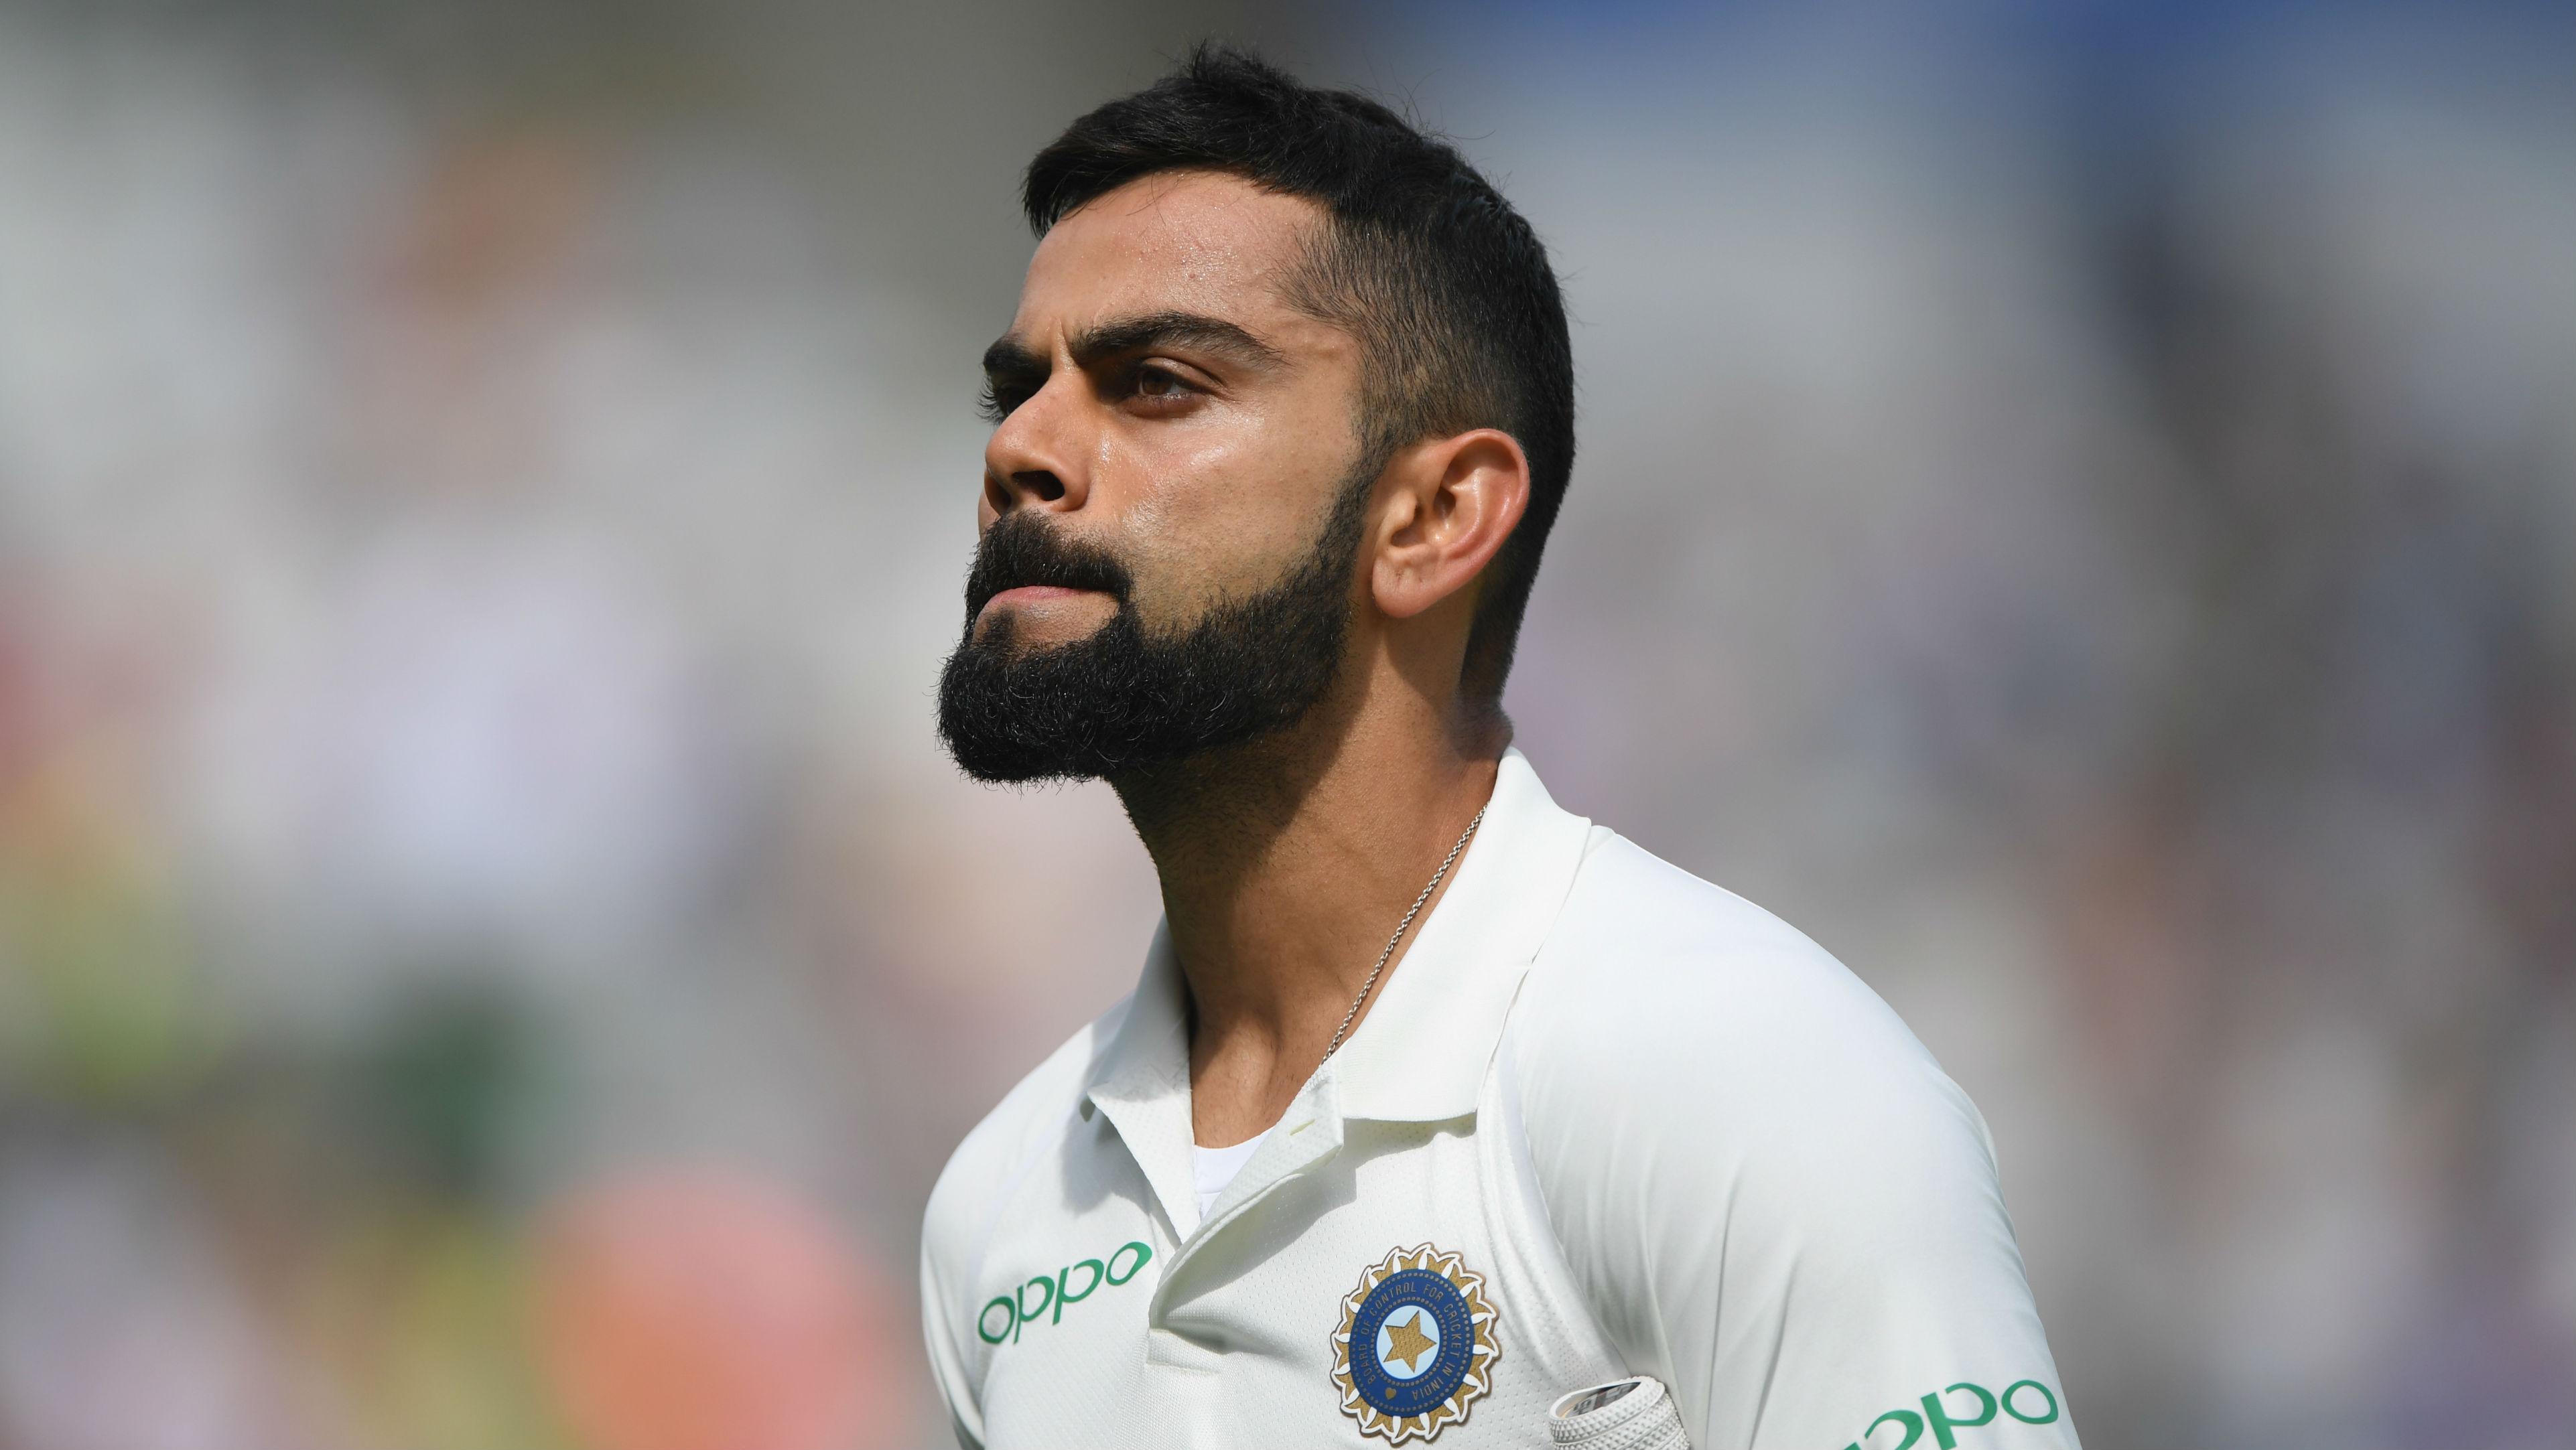 Kohli: India's batsmen must deliver after England Test loss